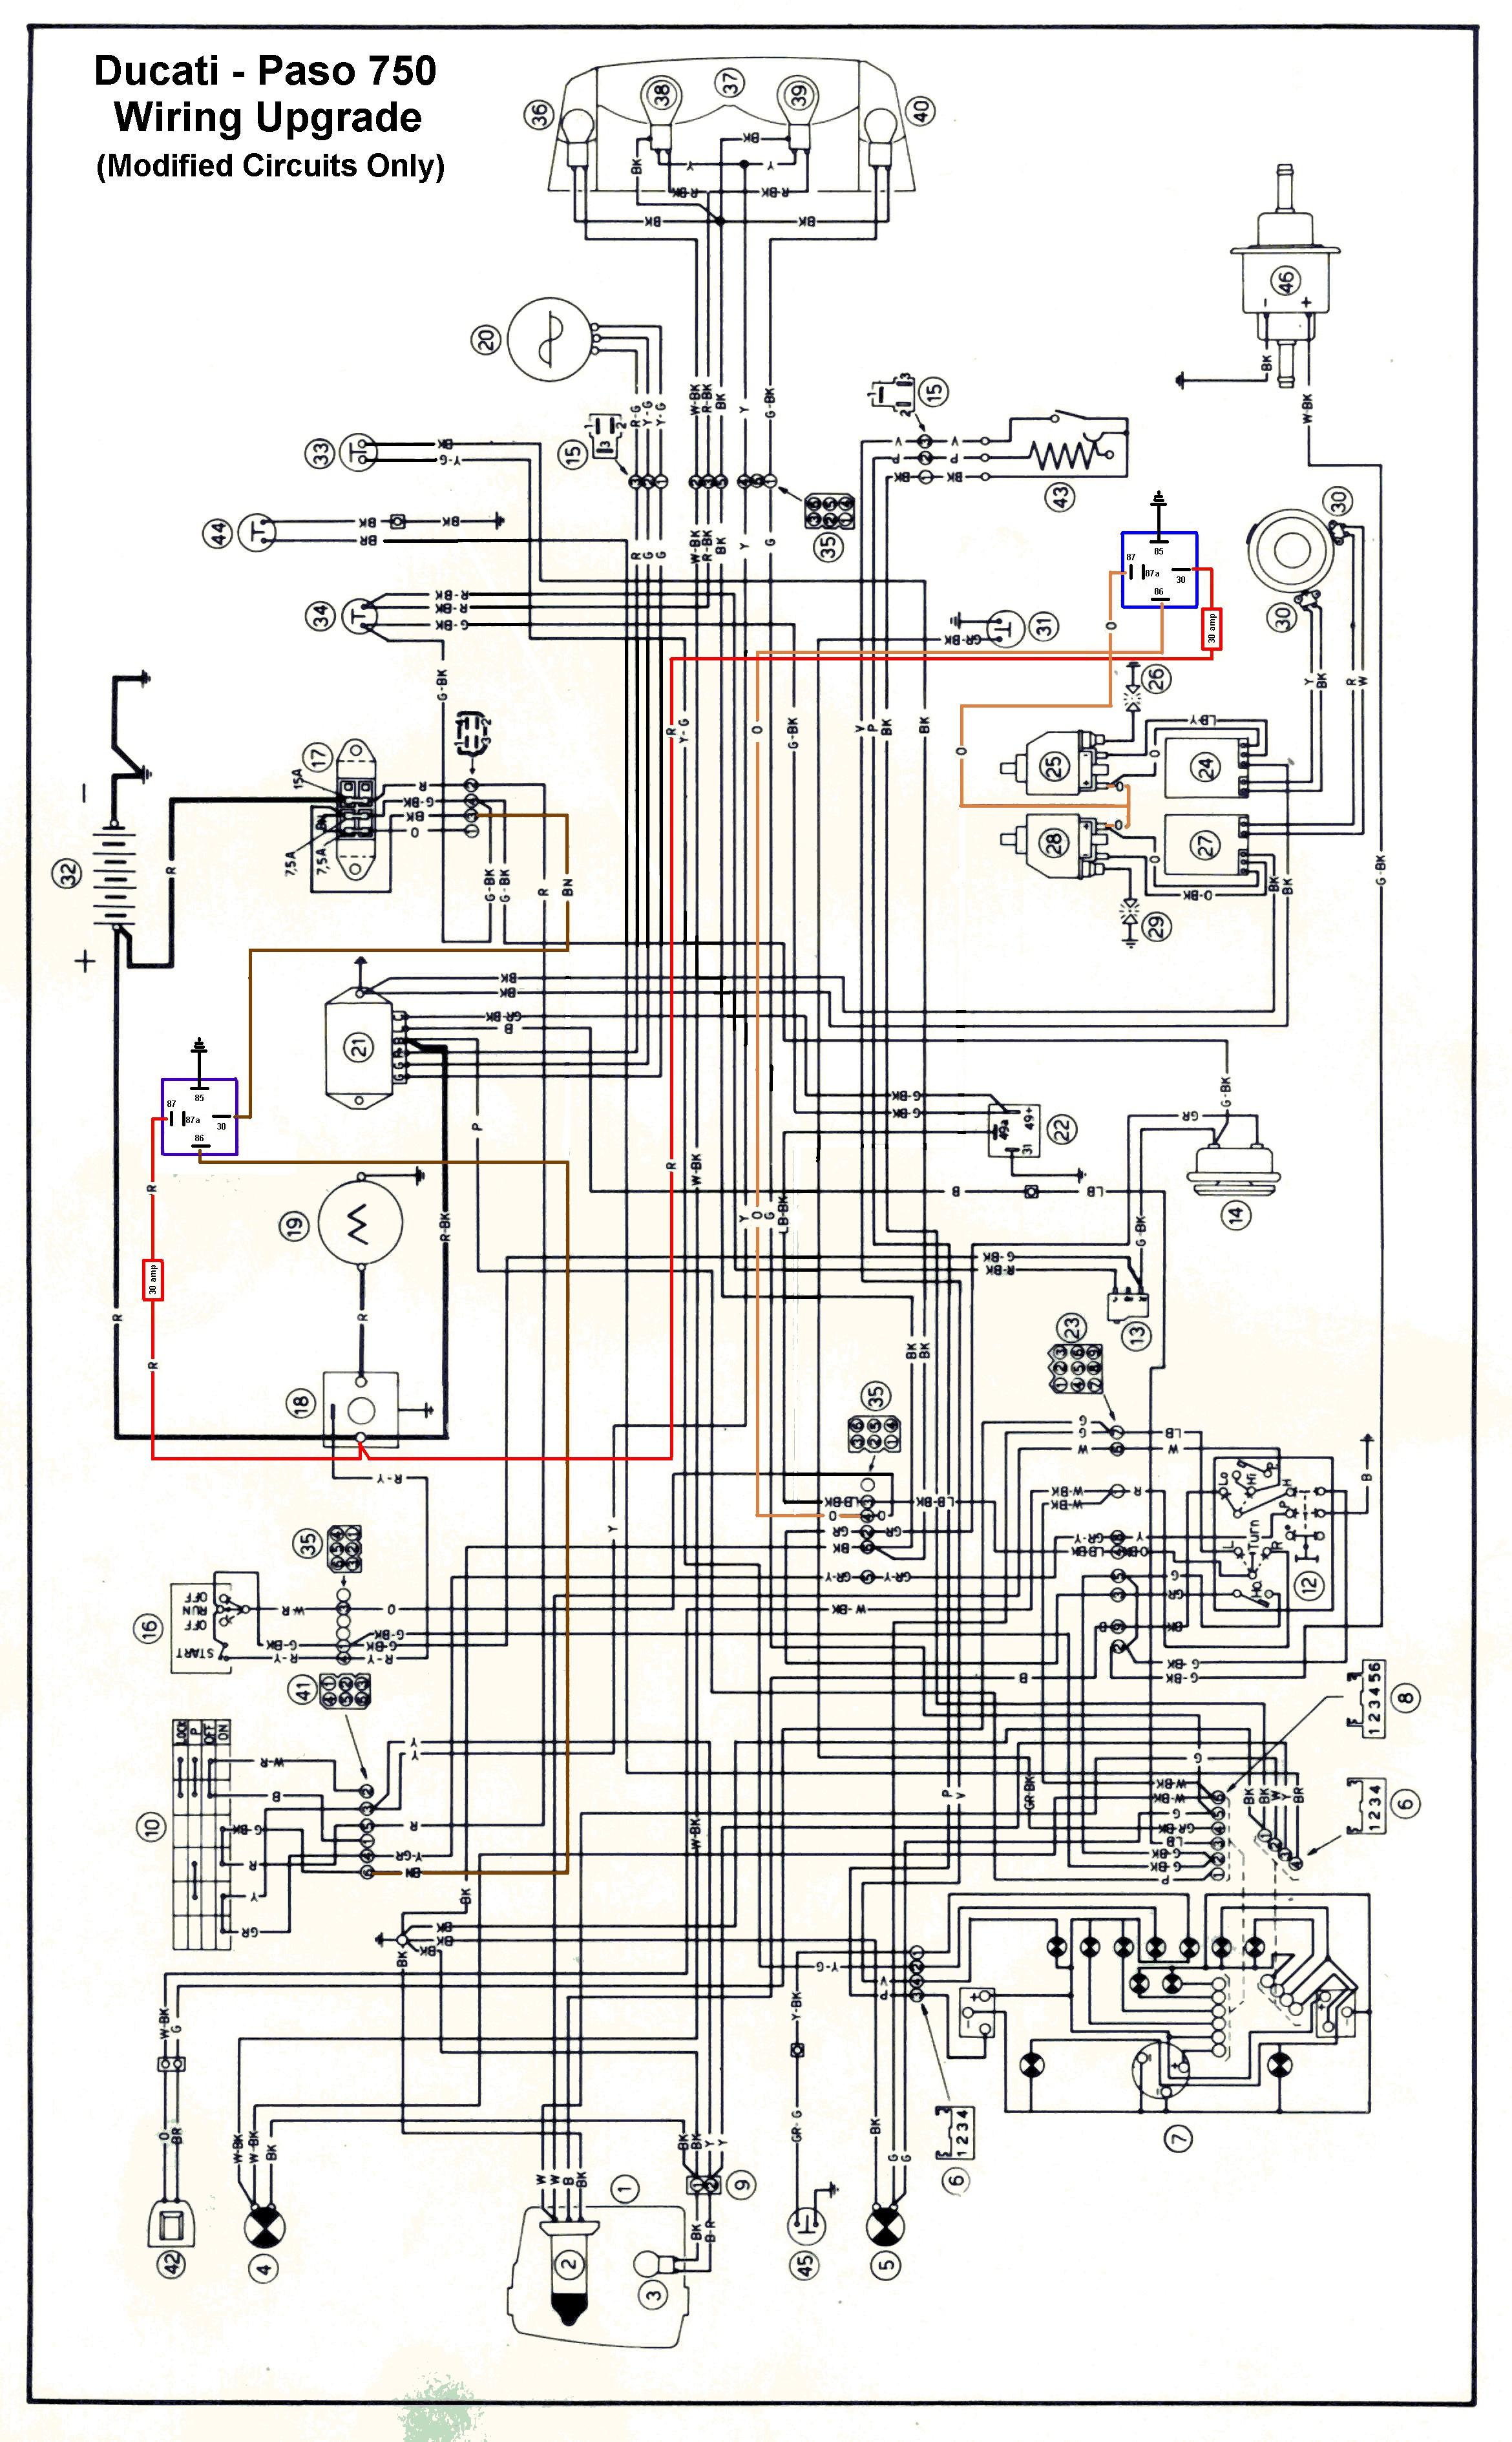 ducati pantah wiring diagram ag 1138  ducati 848 ecu wiring diagram  ag 1138  ducati 848 ecu wiring diagram